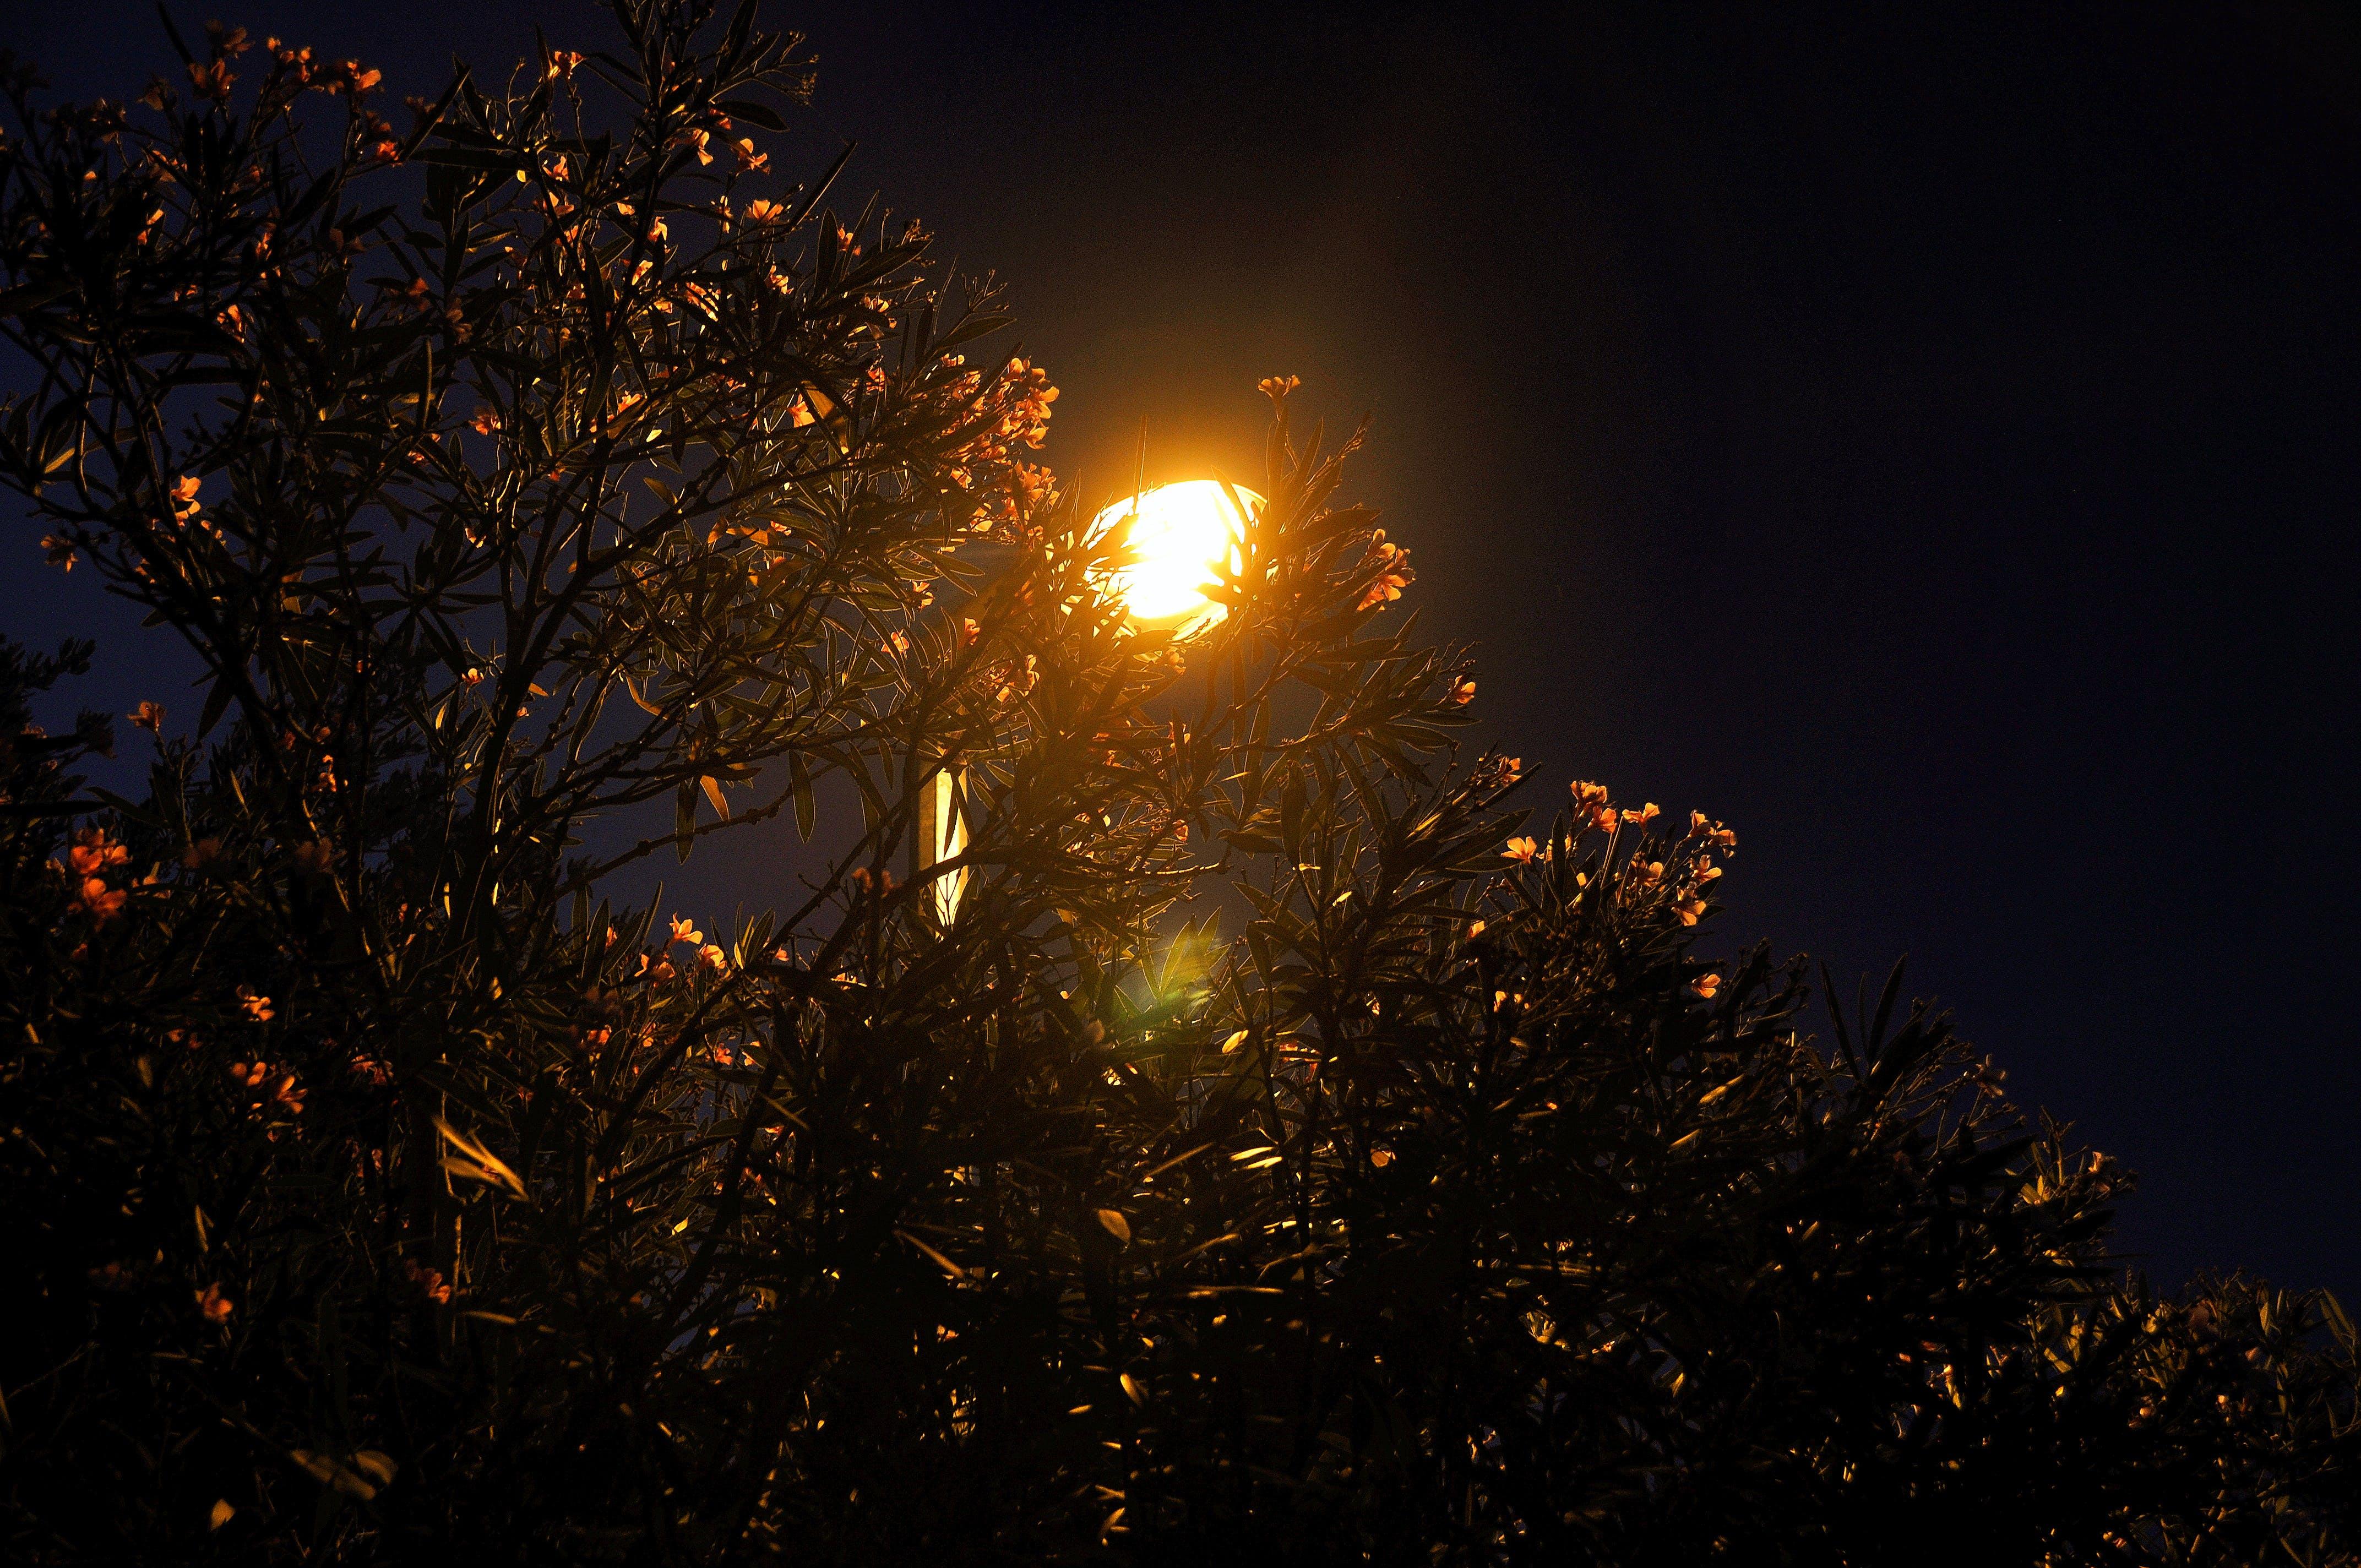 Kostnadsfri bild av lampa, nattlampor